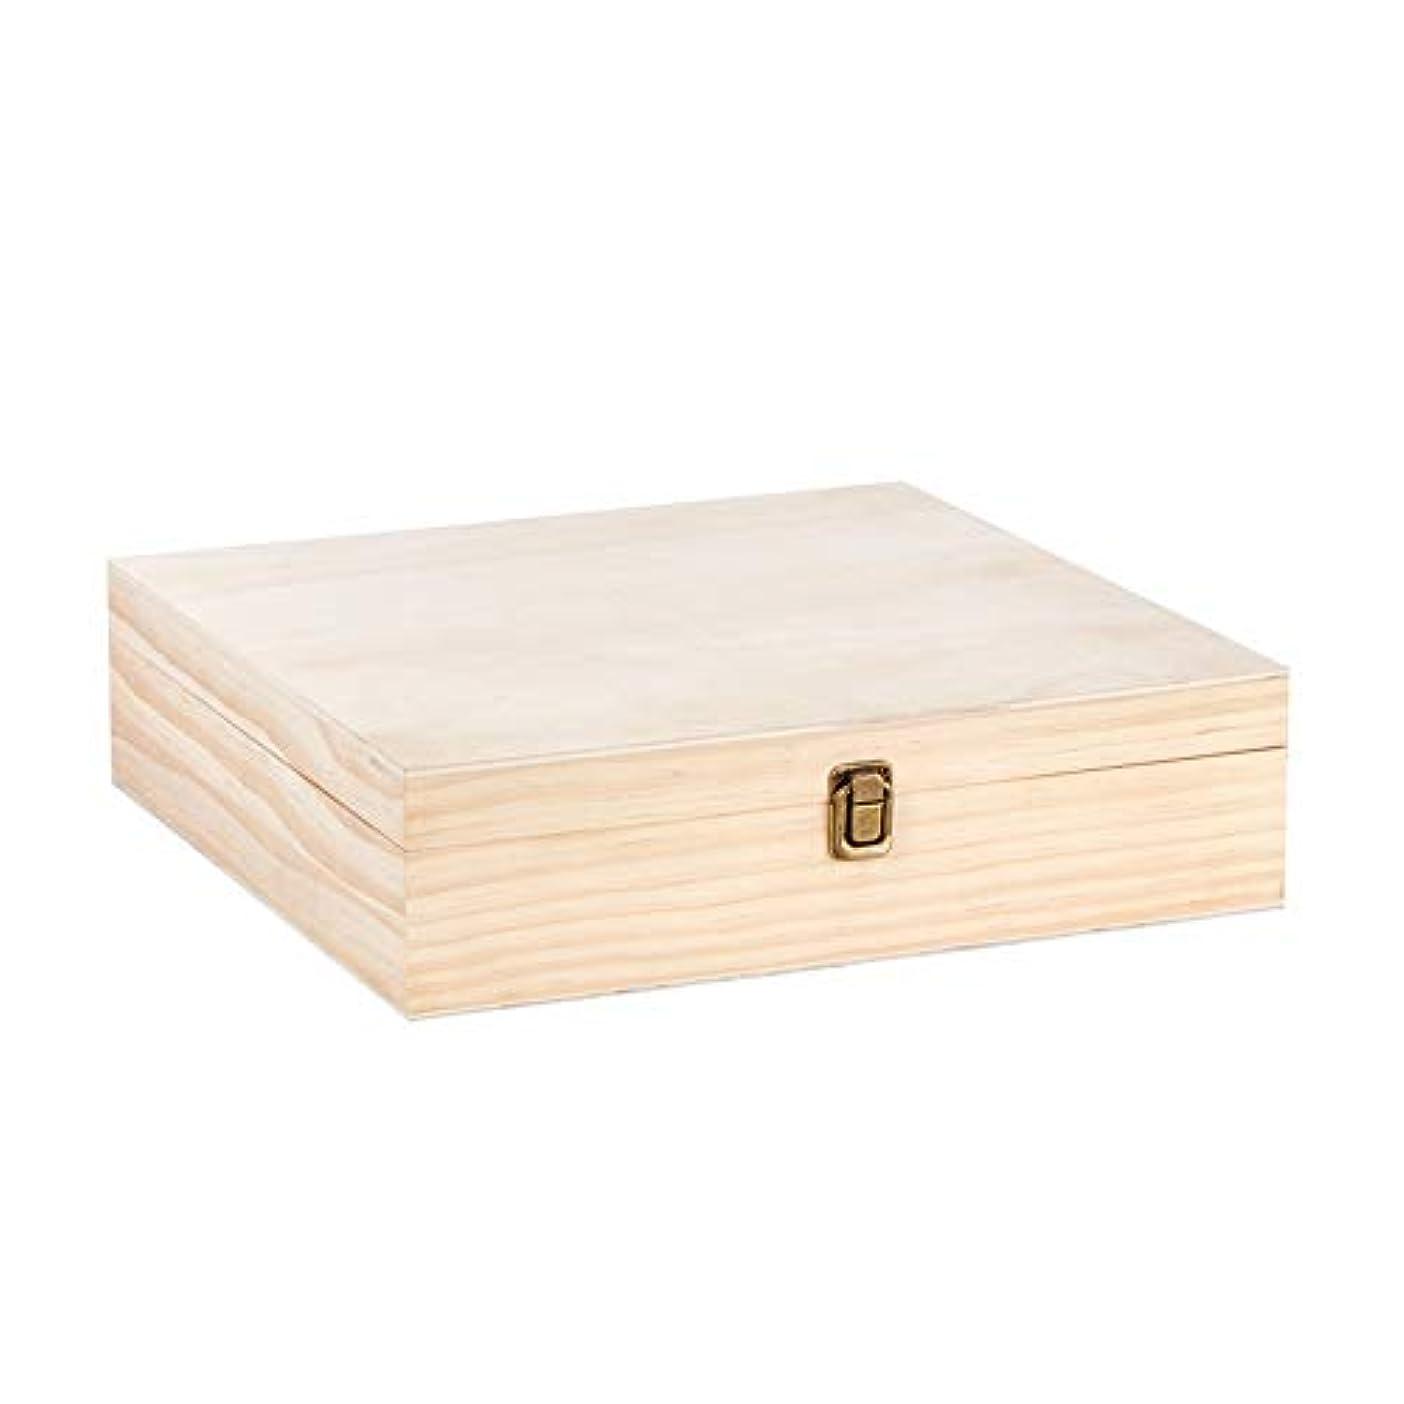 黄ばむ幻想的デンプシーアロマセラピー収納ボックス 油および10mlのローラーボトル木材油収納ボックス75鍵穴の87種類のスロット12の5?15ミリリットル エッセンシャルオイル収納ボックス (色 : Natural, サイズ : 25.5X25.5X9.5CM)